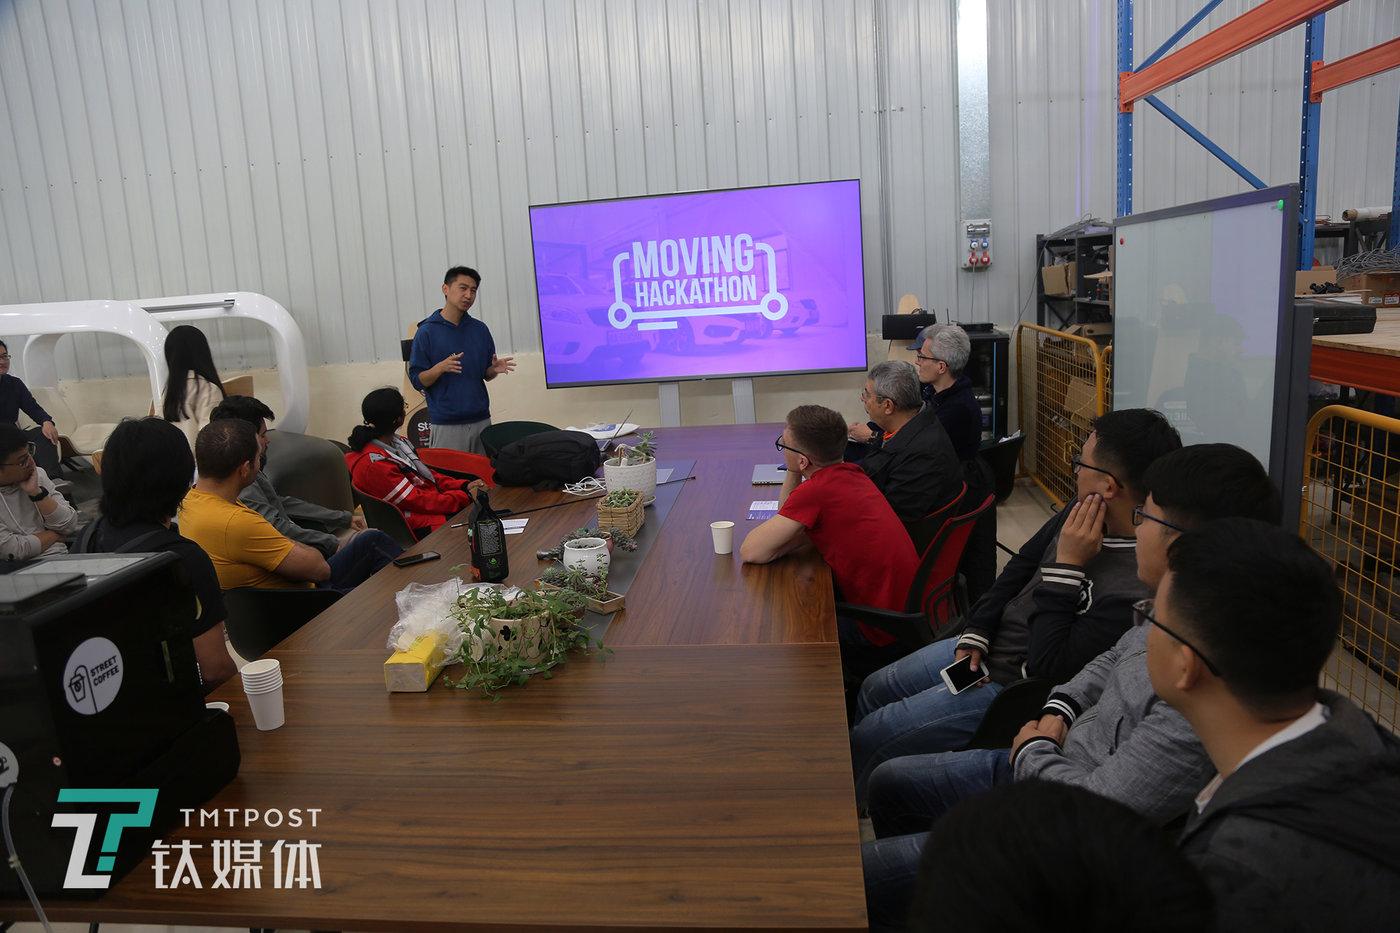 """5月22日,贵州科学城PIX翰凯斯无人驾驶智造工厂,赛事承办方挑战赛承办方PIX无人驾驶COO曹雨腾负责人向正在参赛人员讲解2019年数博会无人驾驶全球挑战赛""""Moving Hackathon""""的比赛规则。"""